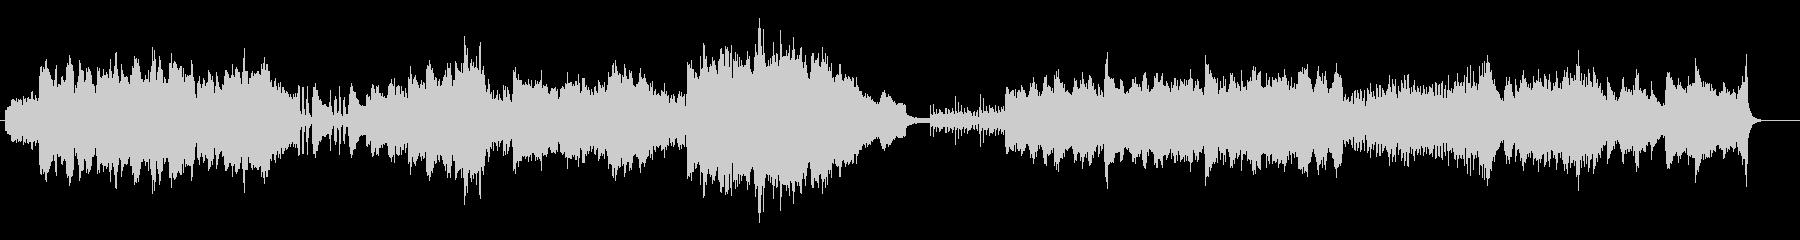 綿密に組み上げられたオーケストラサウンドの未再生の波形